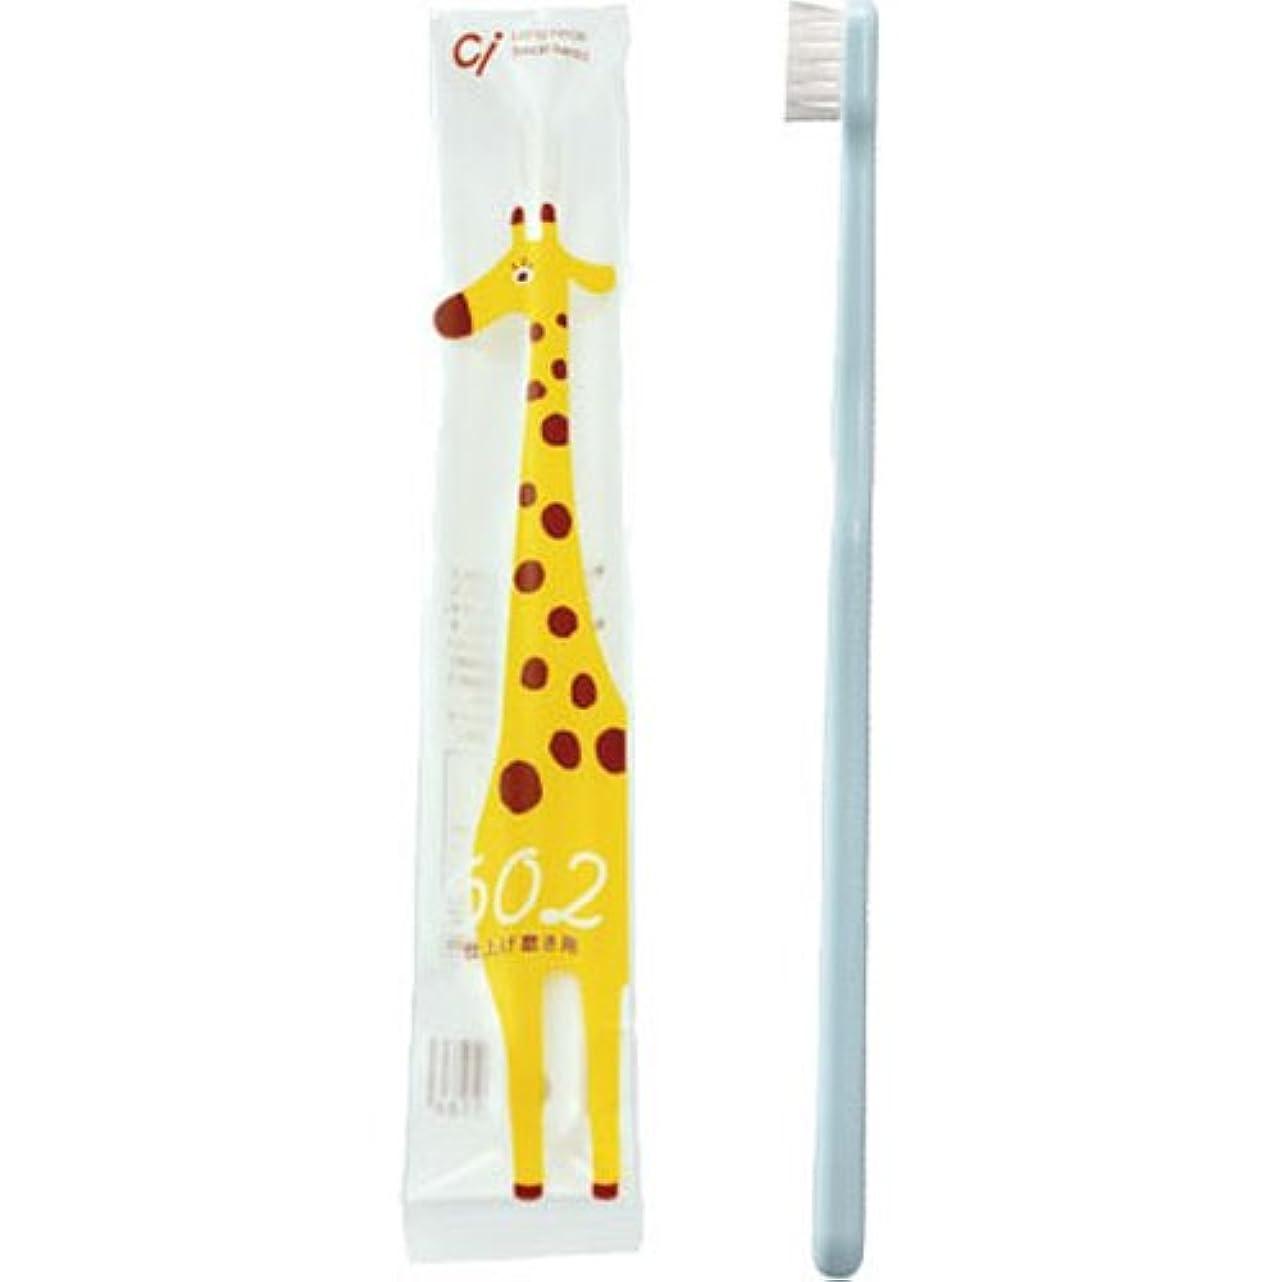 エイリアス義務付けられたカートンCi(シーアイ) 歯ブラシ 仕上げ磨き用 #602 1本入